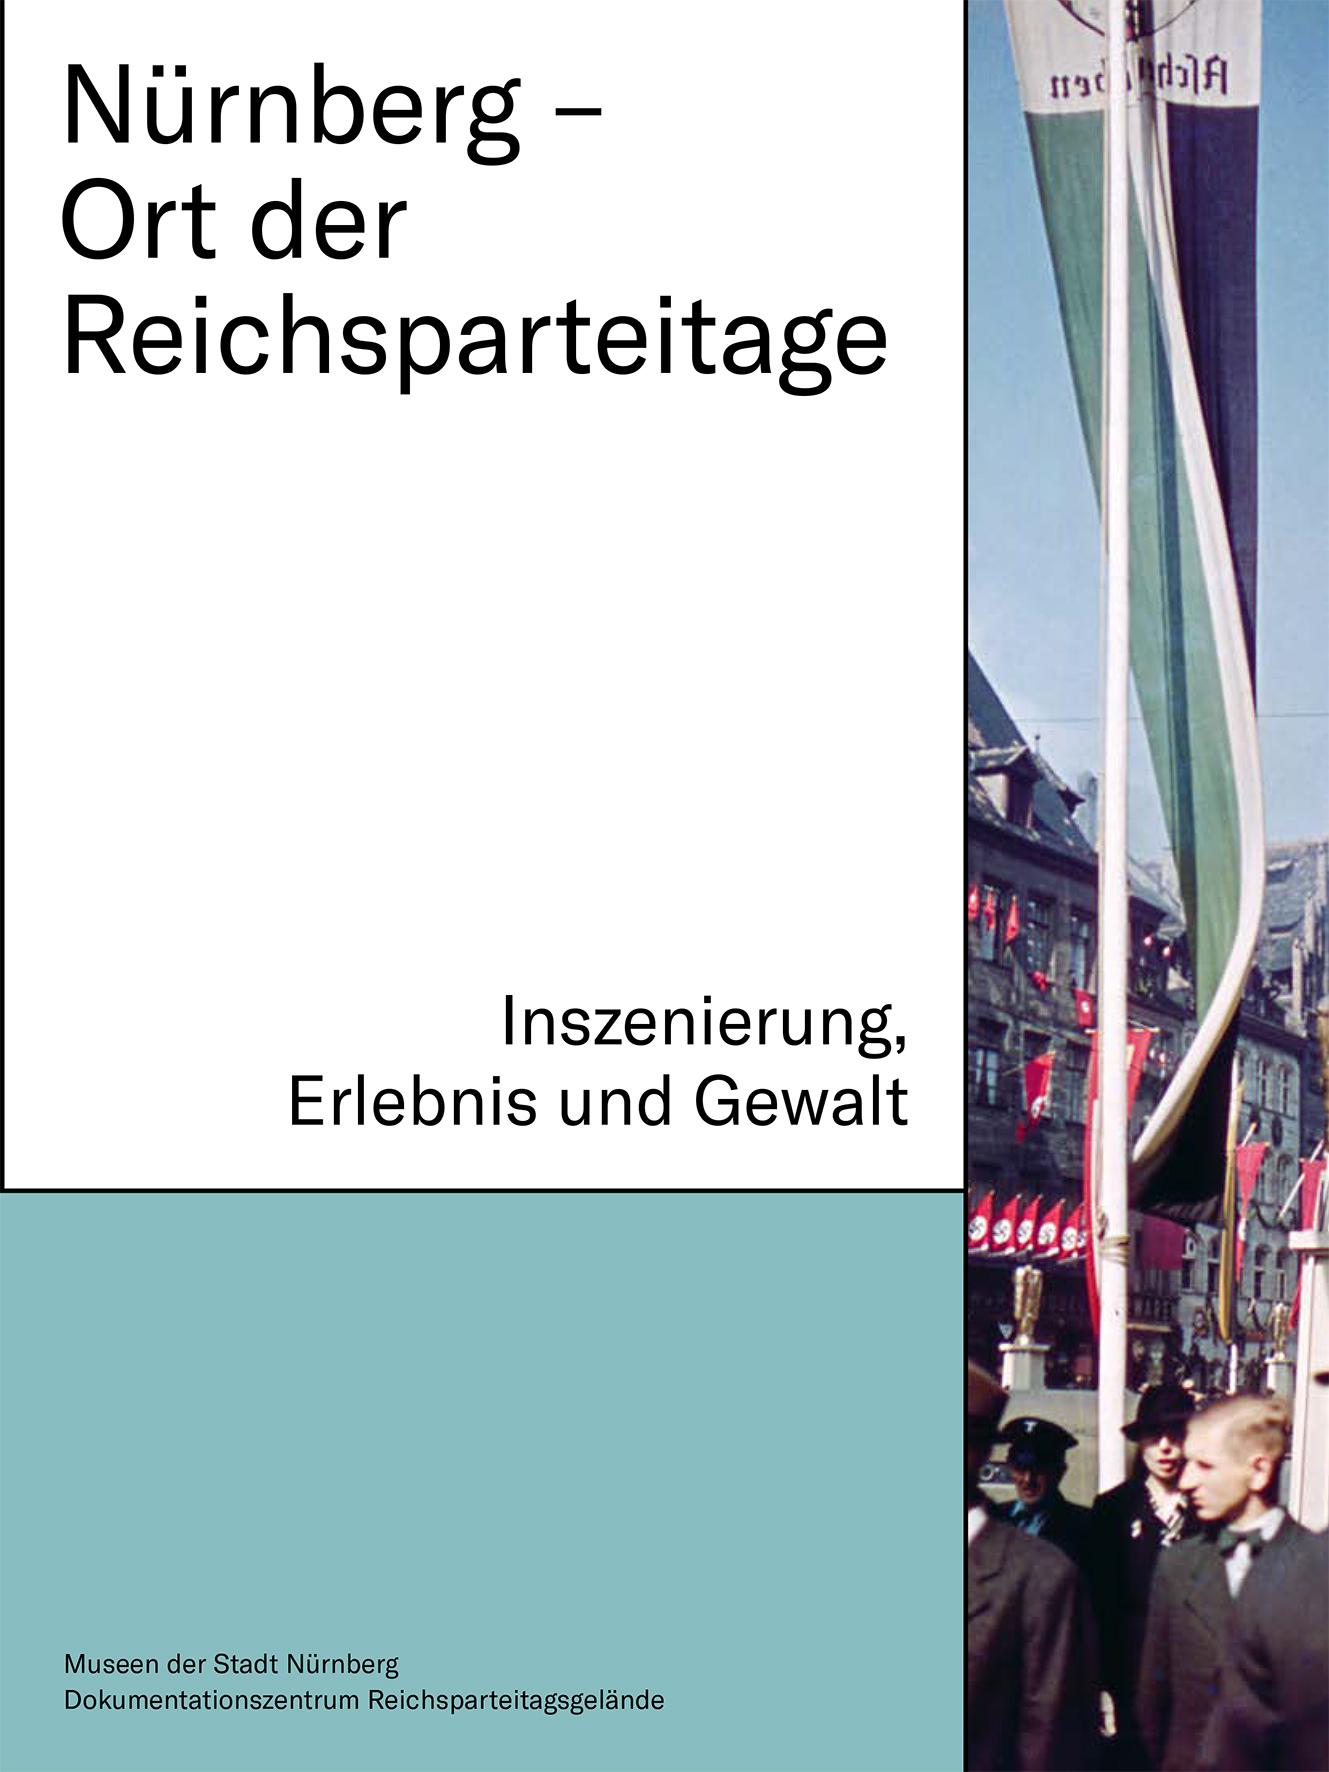 Nuernberg Reichsparteitage Titelbild